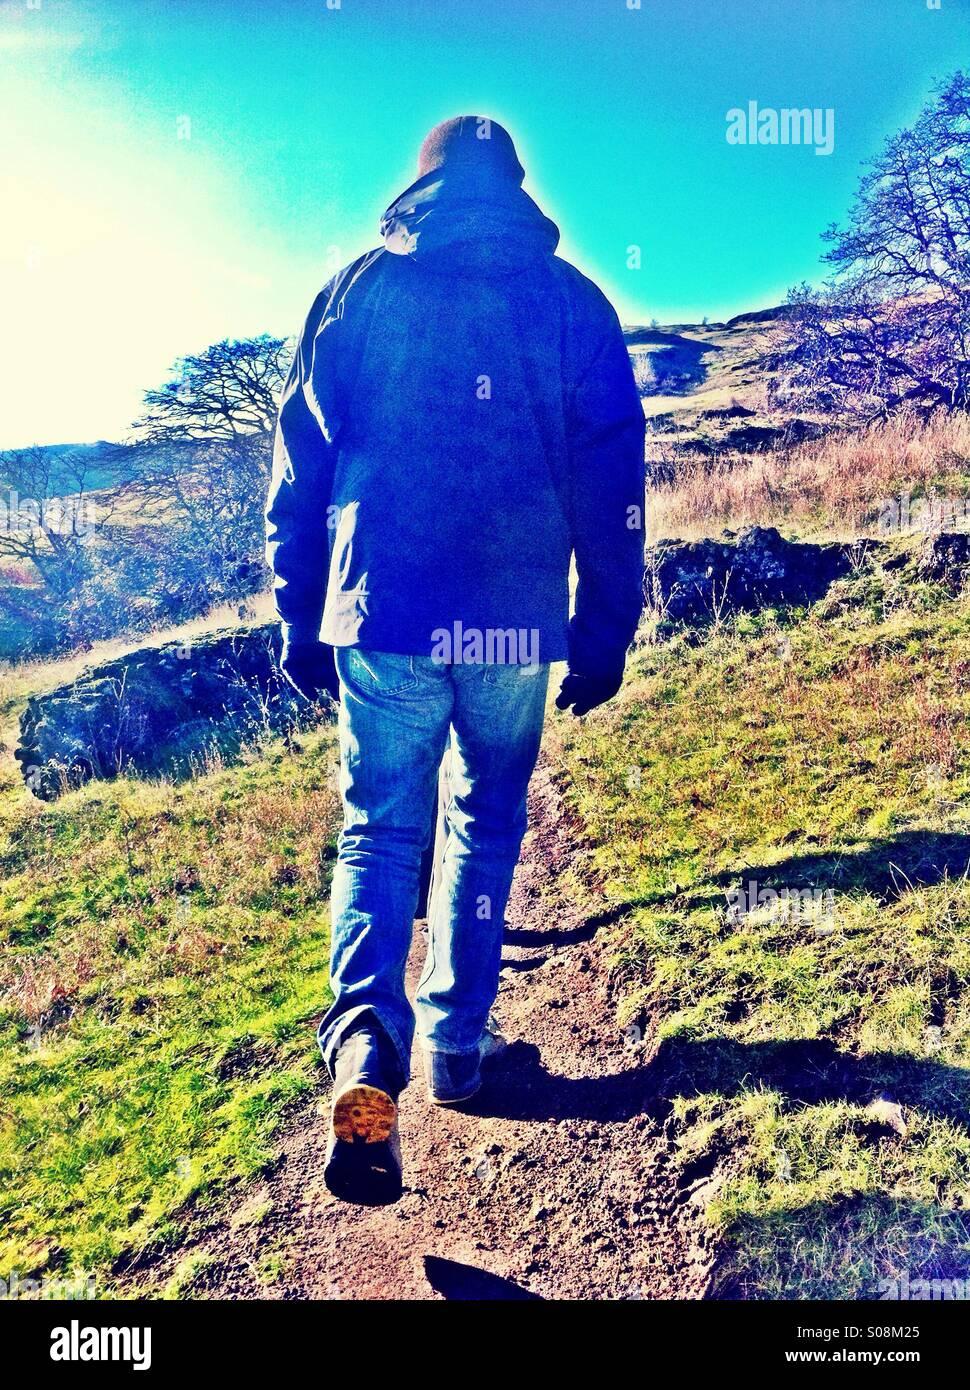 Man hiking - Stock Image